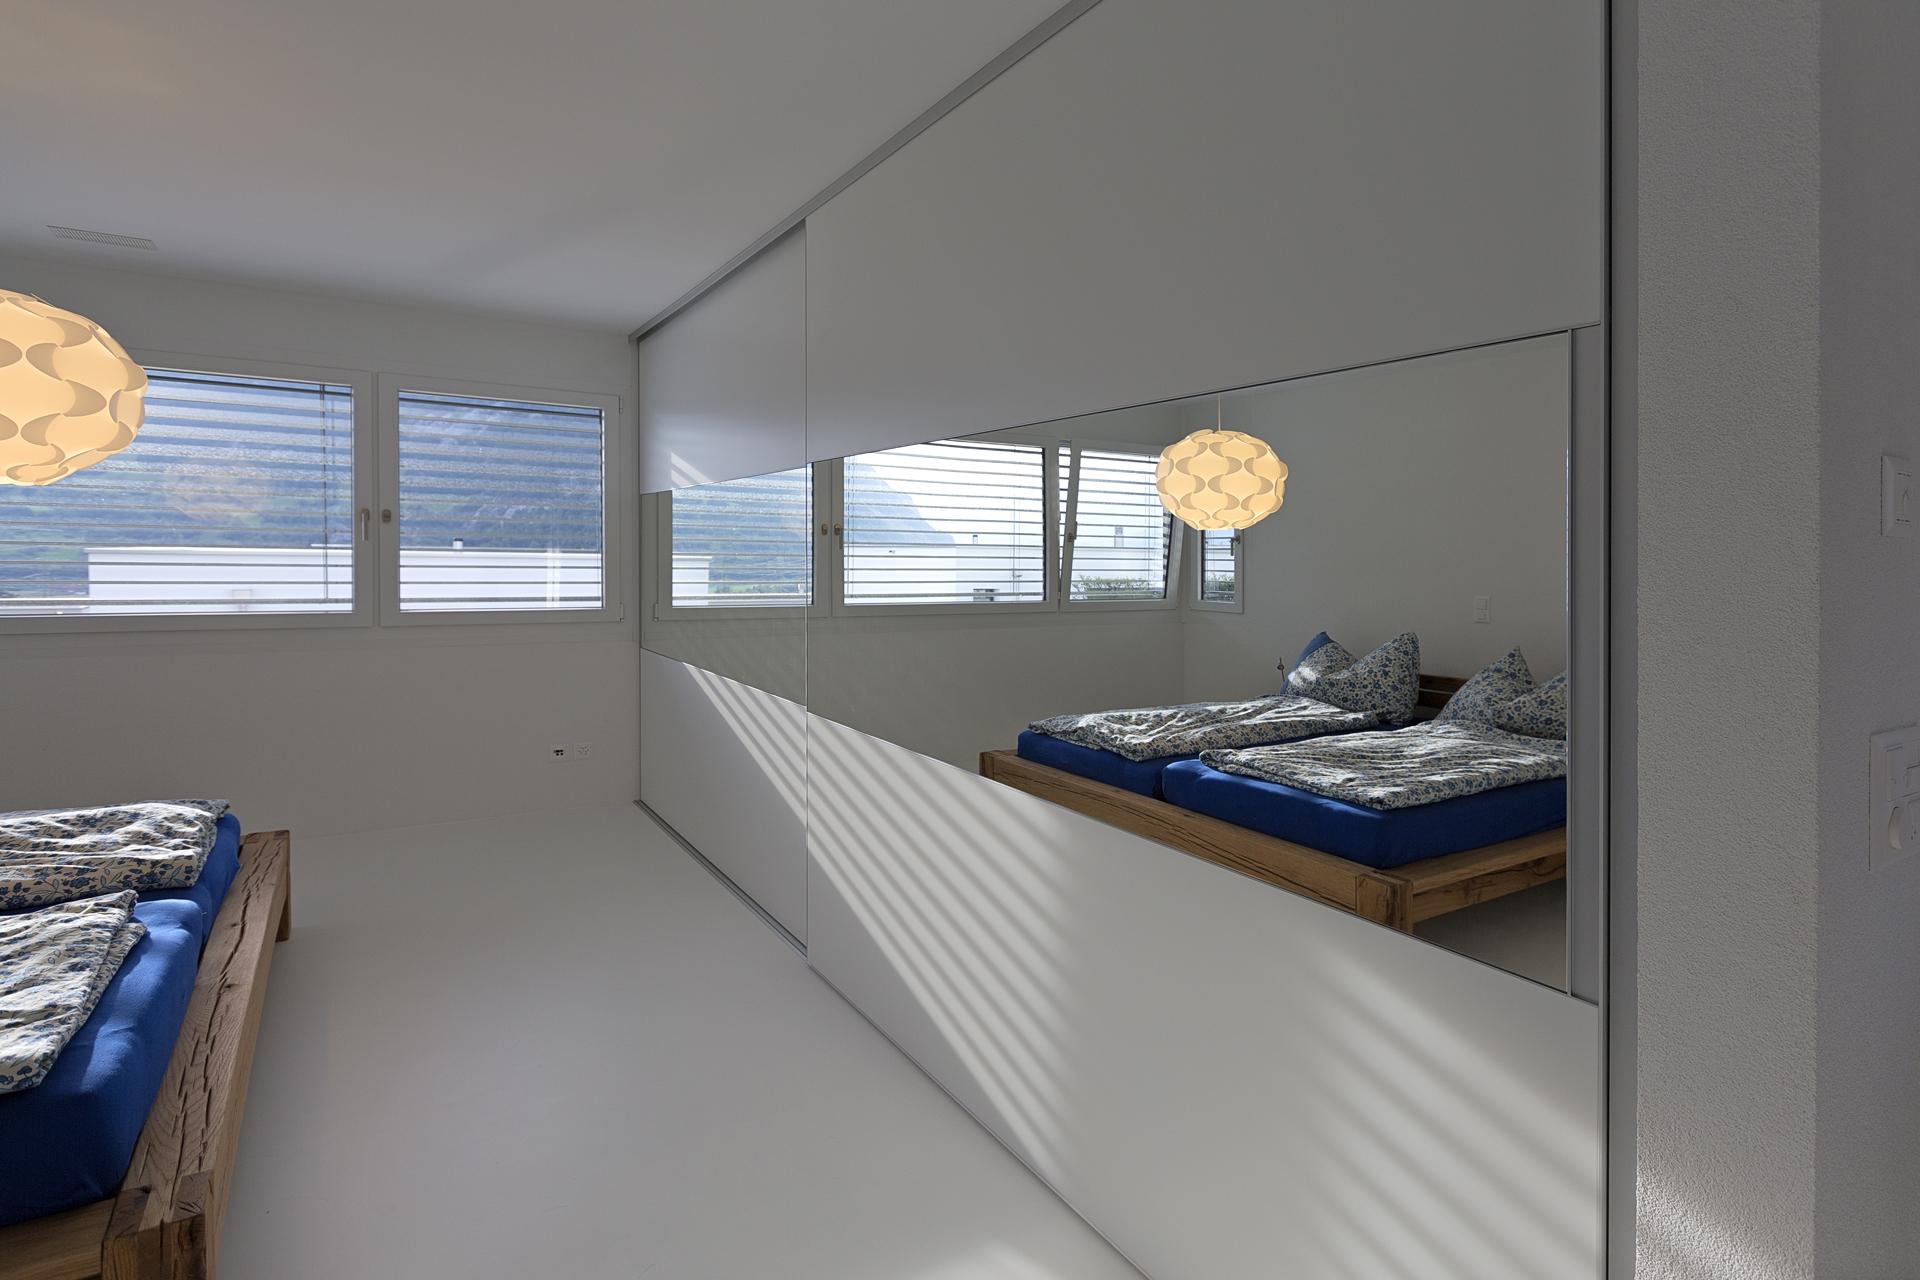 Pin Begehbarer Schlafzimmerschrank Mit Schiebetüren on Pinterest